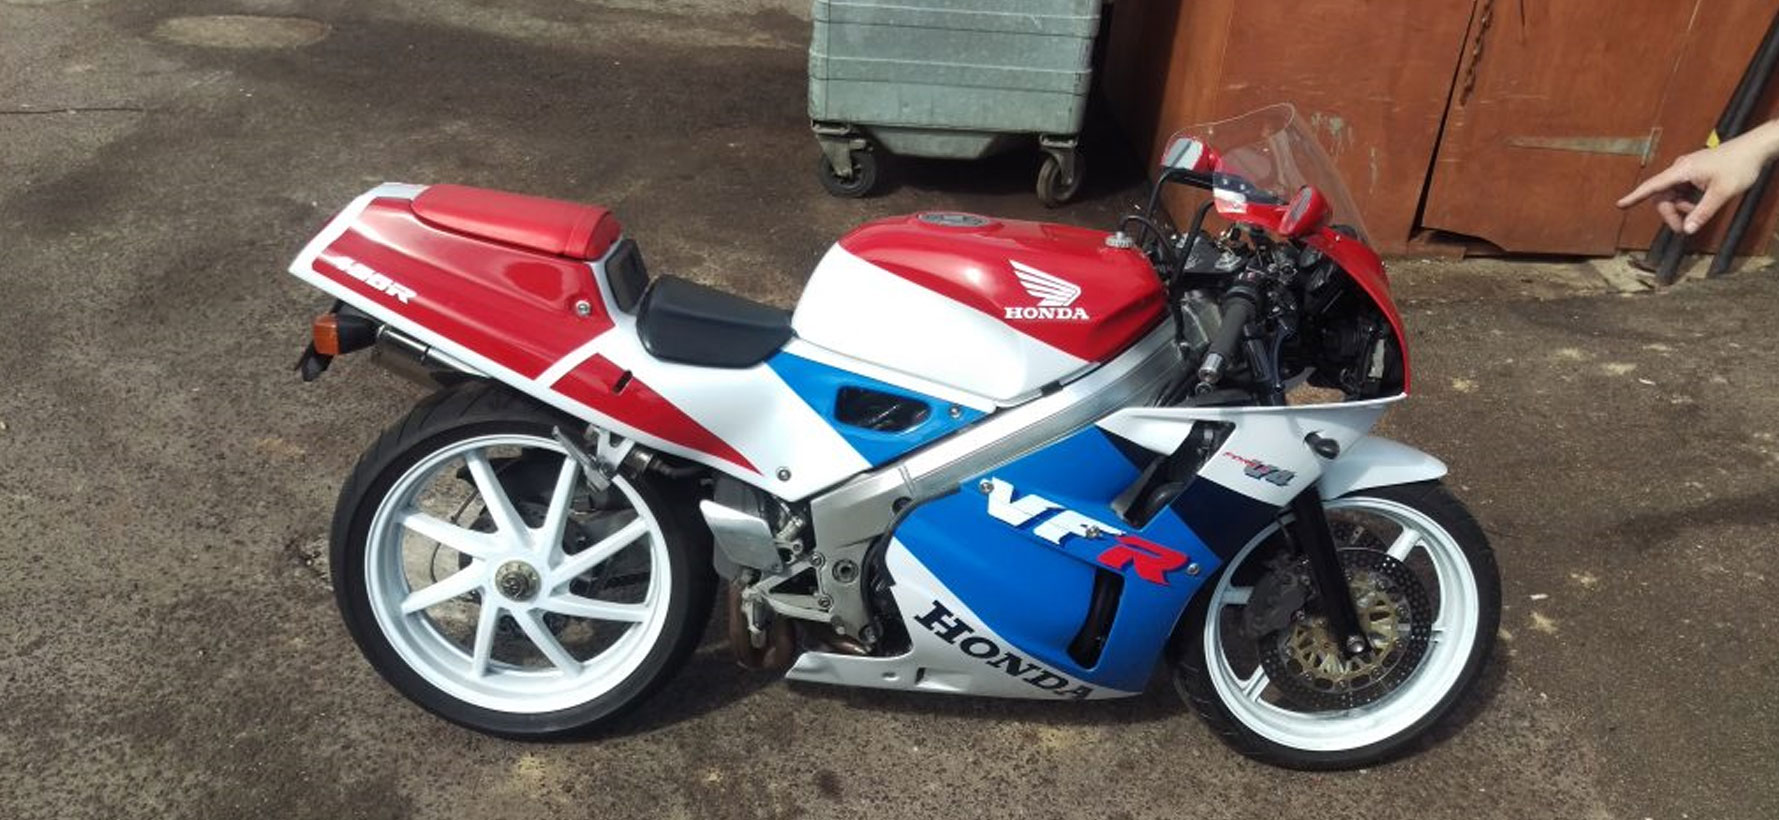 Honda-VFR